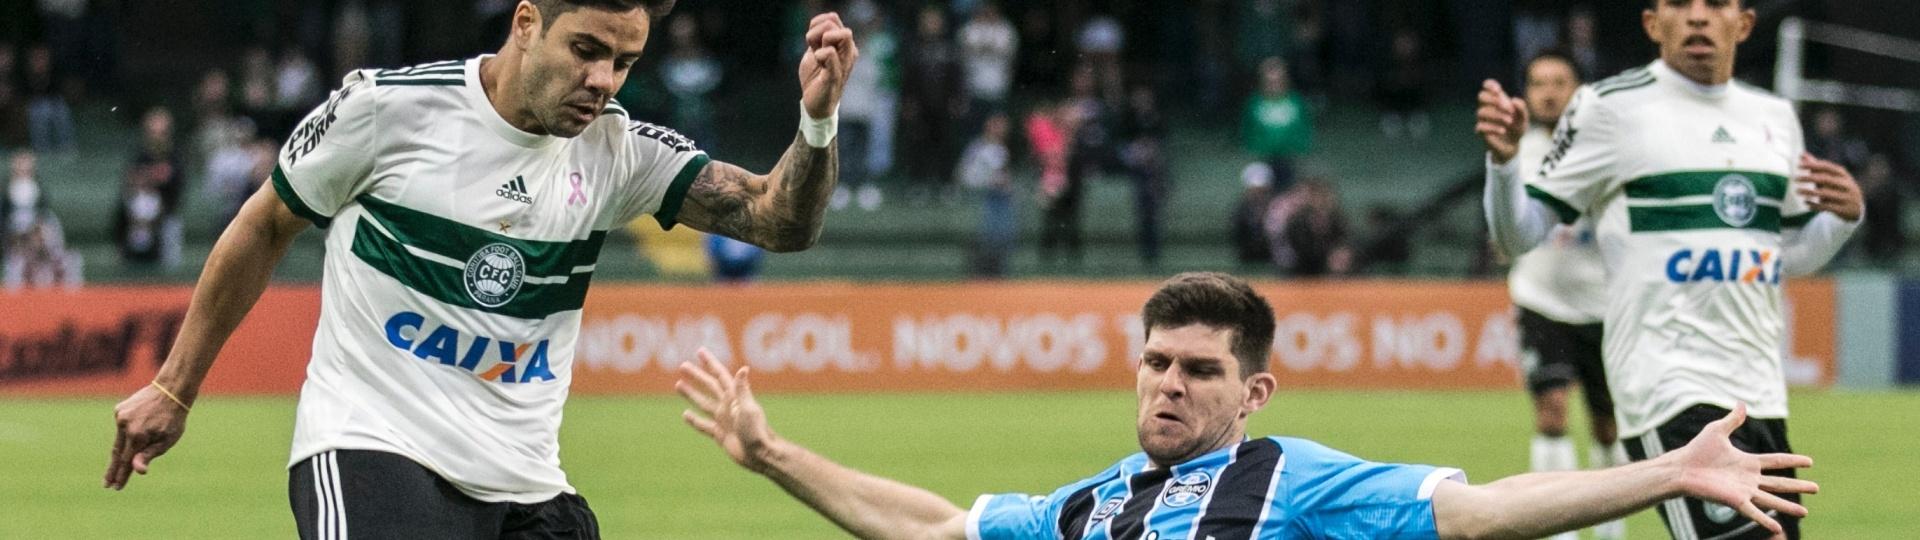 Henrique carrega a bola e é marcado por Ramiro no jogo entre Coritiba e Grêmio